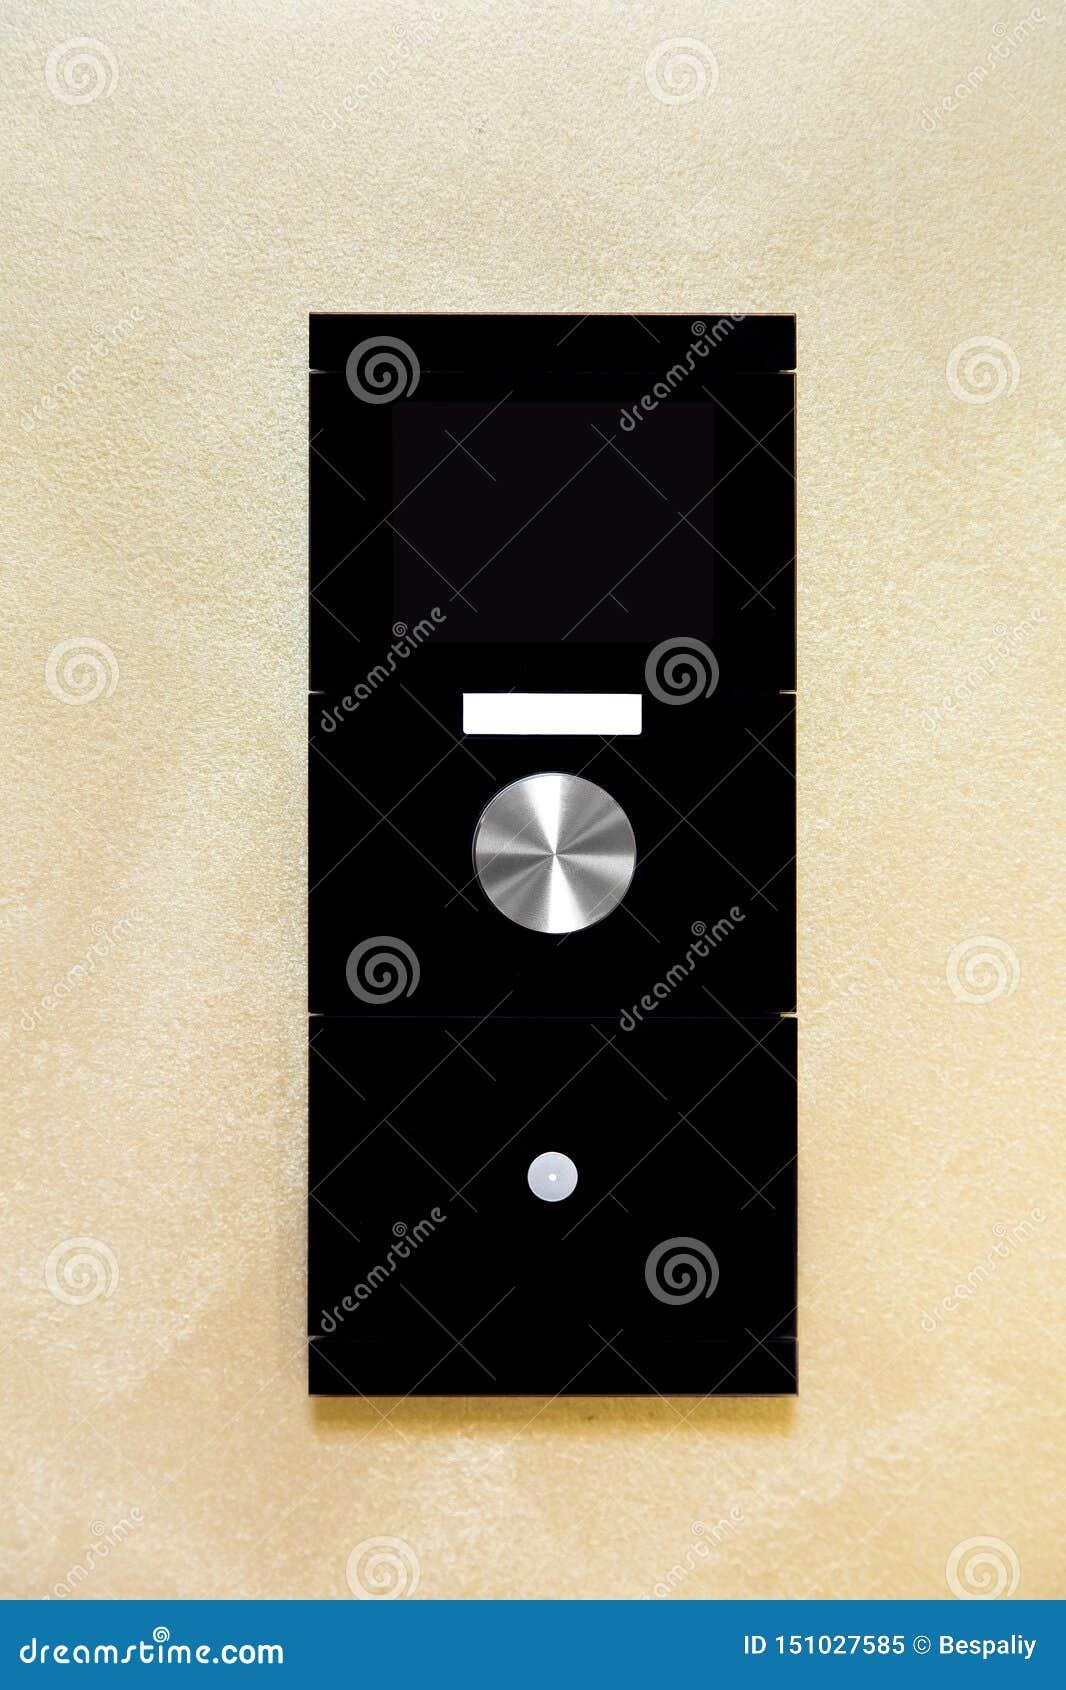 Controlador esperto do controle da casa com uma tela e os botões a controlar